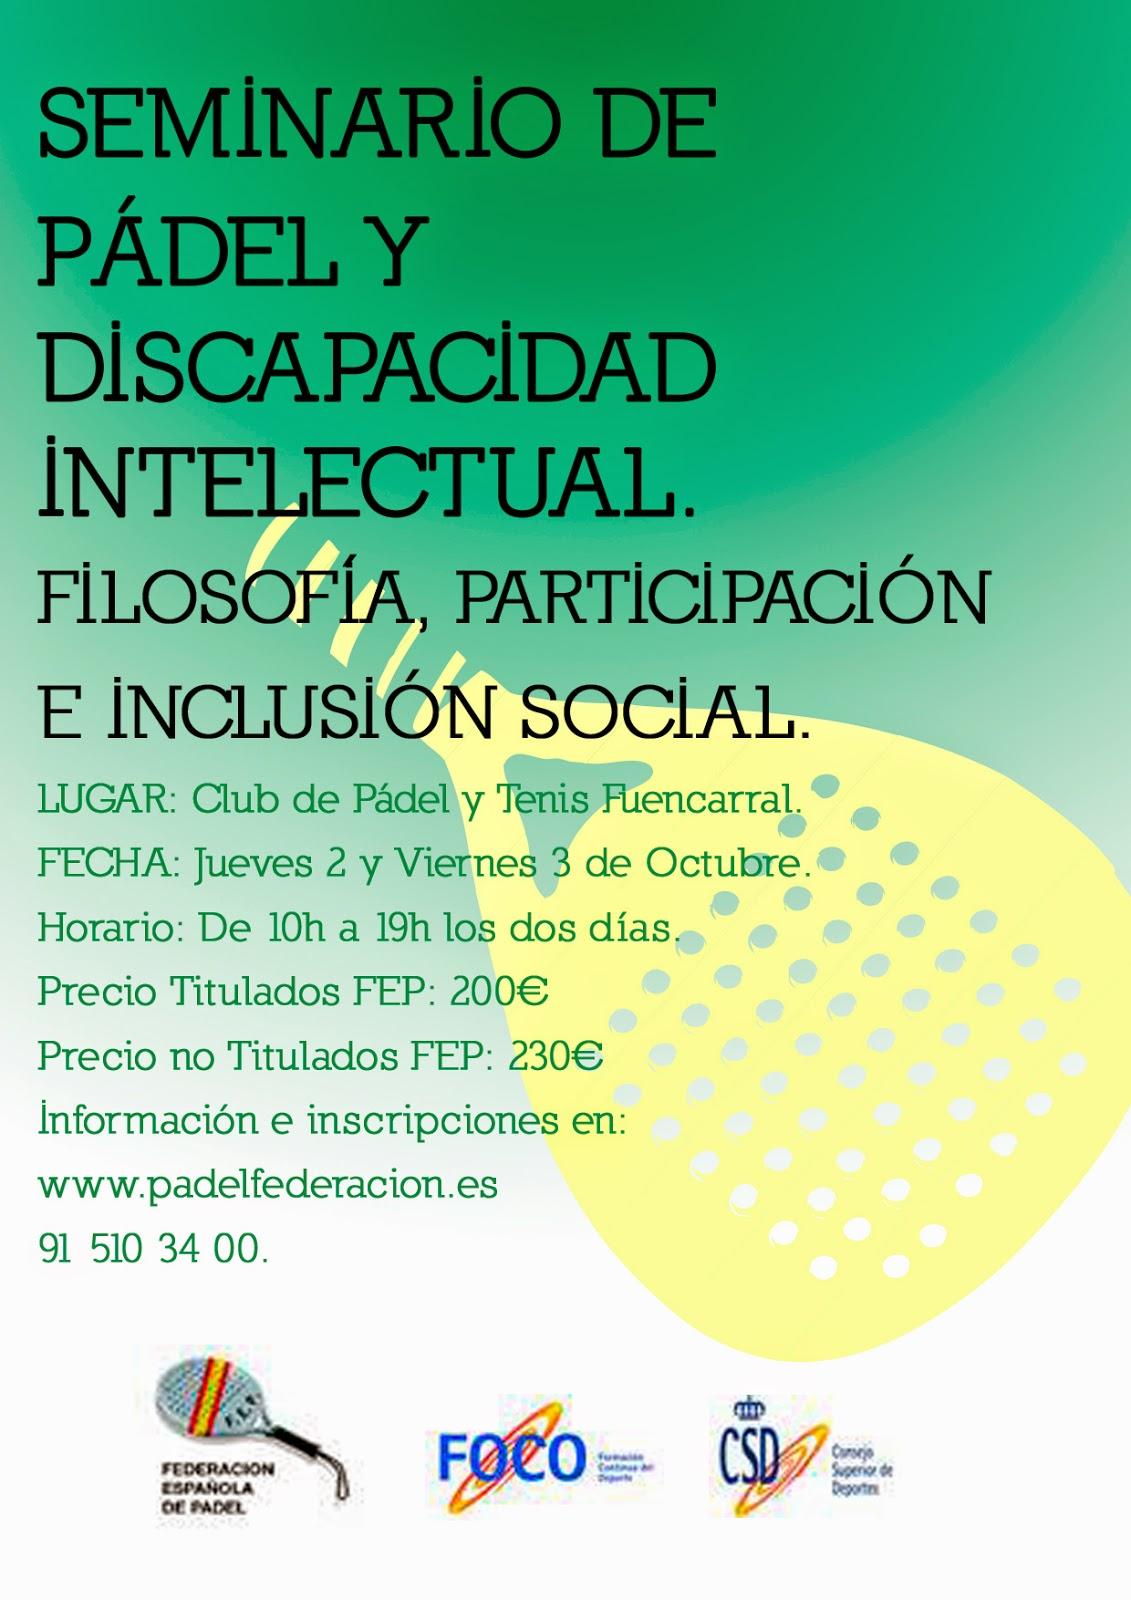 http://www.padelfederacion.es/Paginas/Formacion_Foco.asp